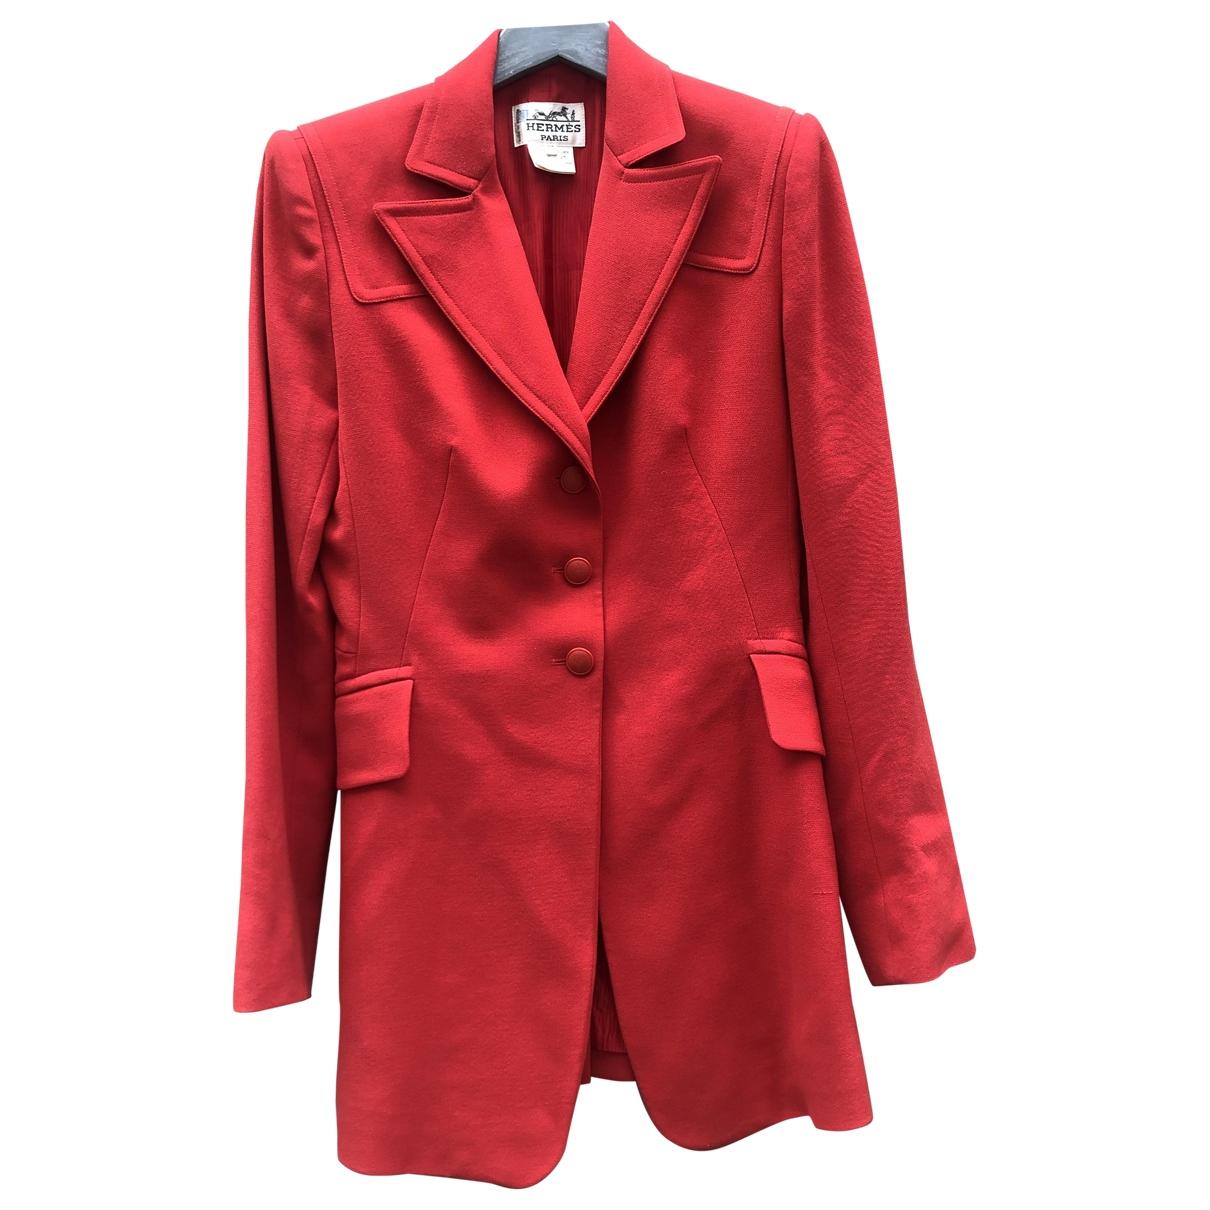 Hermes \N Jacke in  Rot Wolle